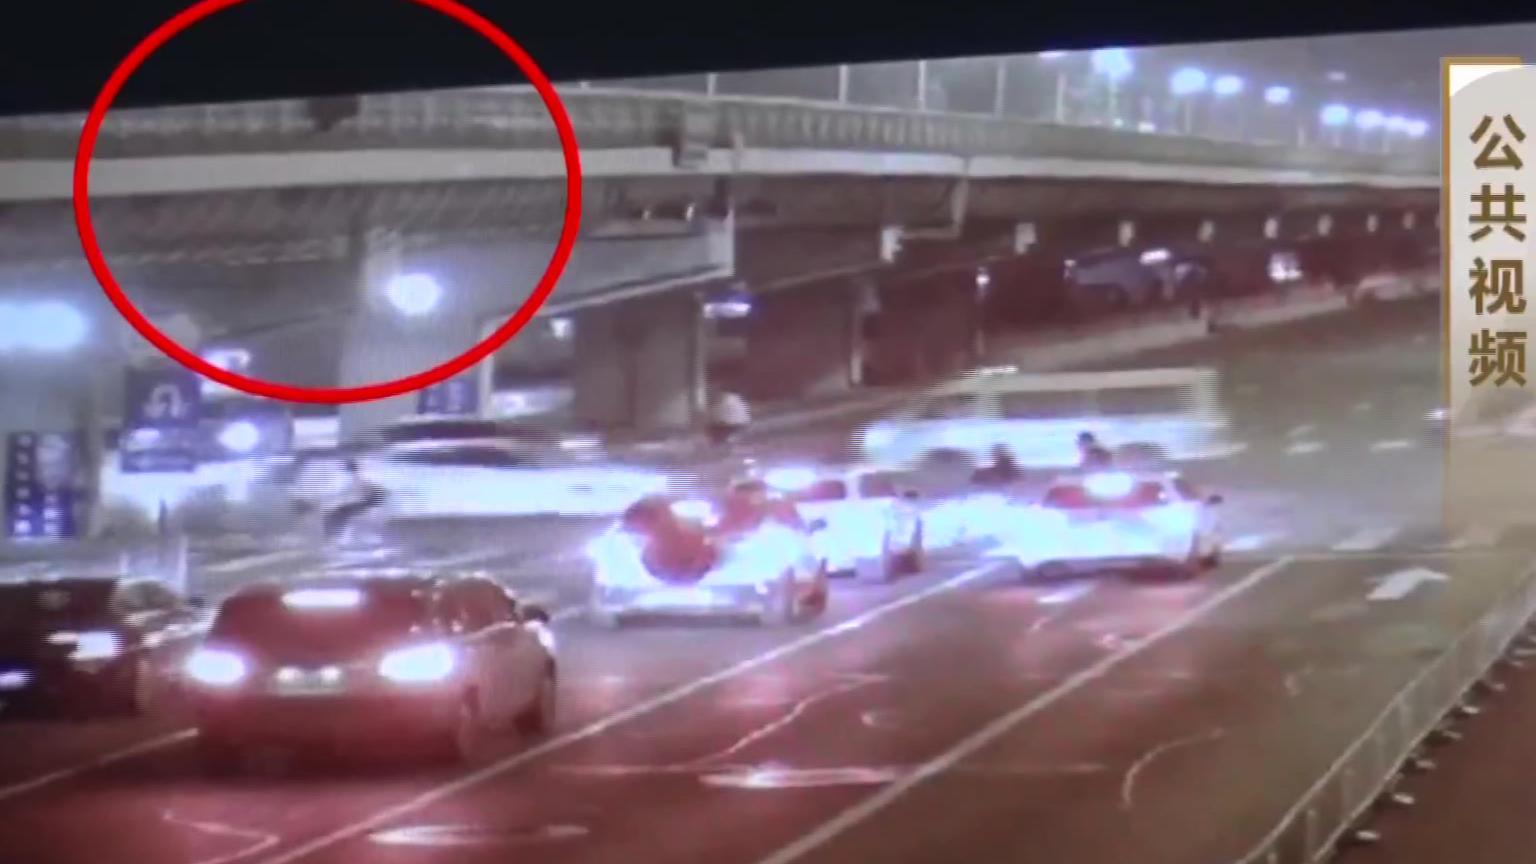 北京一男子酒后从桥上坠落,恰好被轿车碾压,法院:司机无责